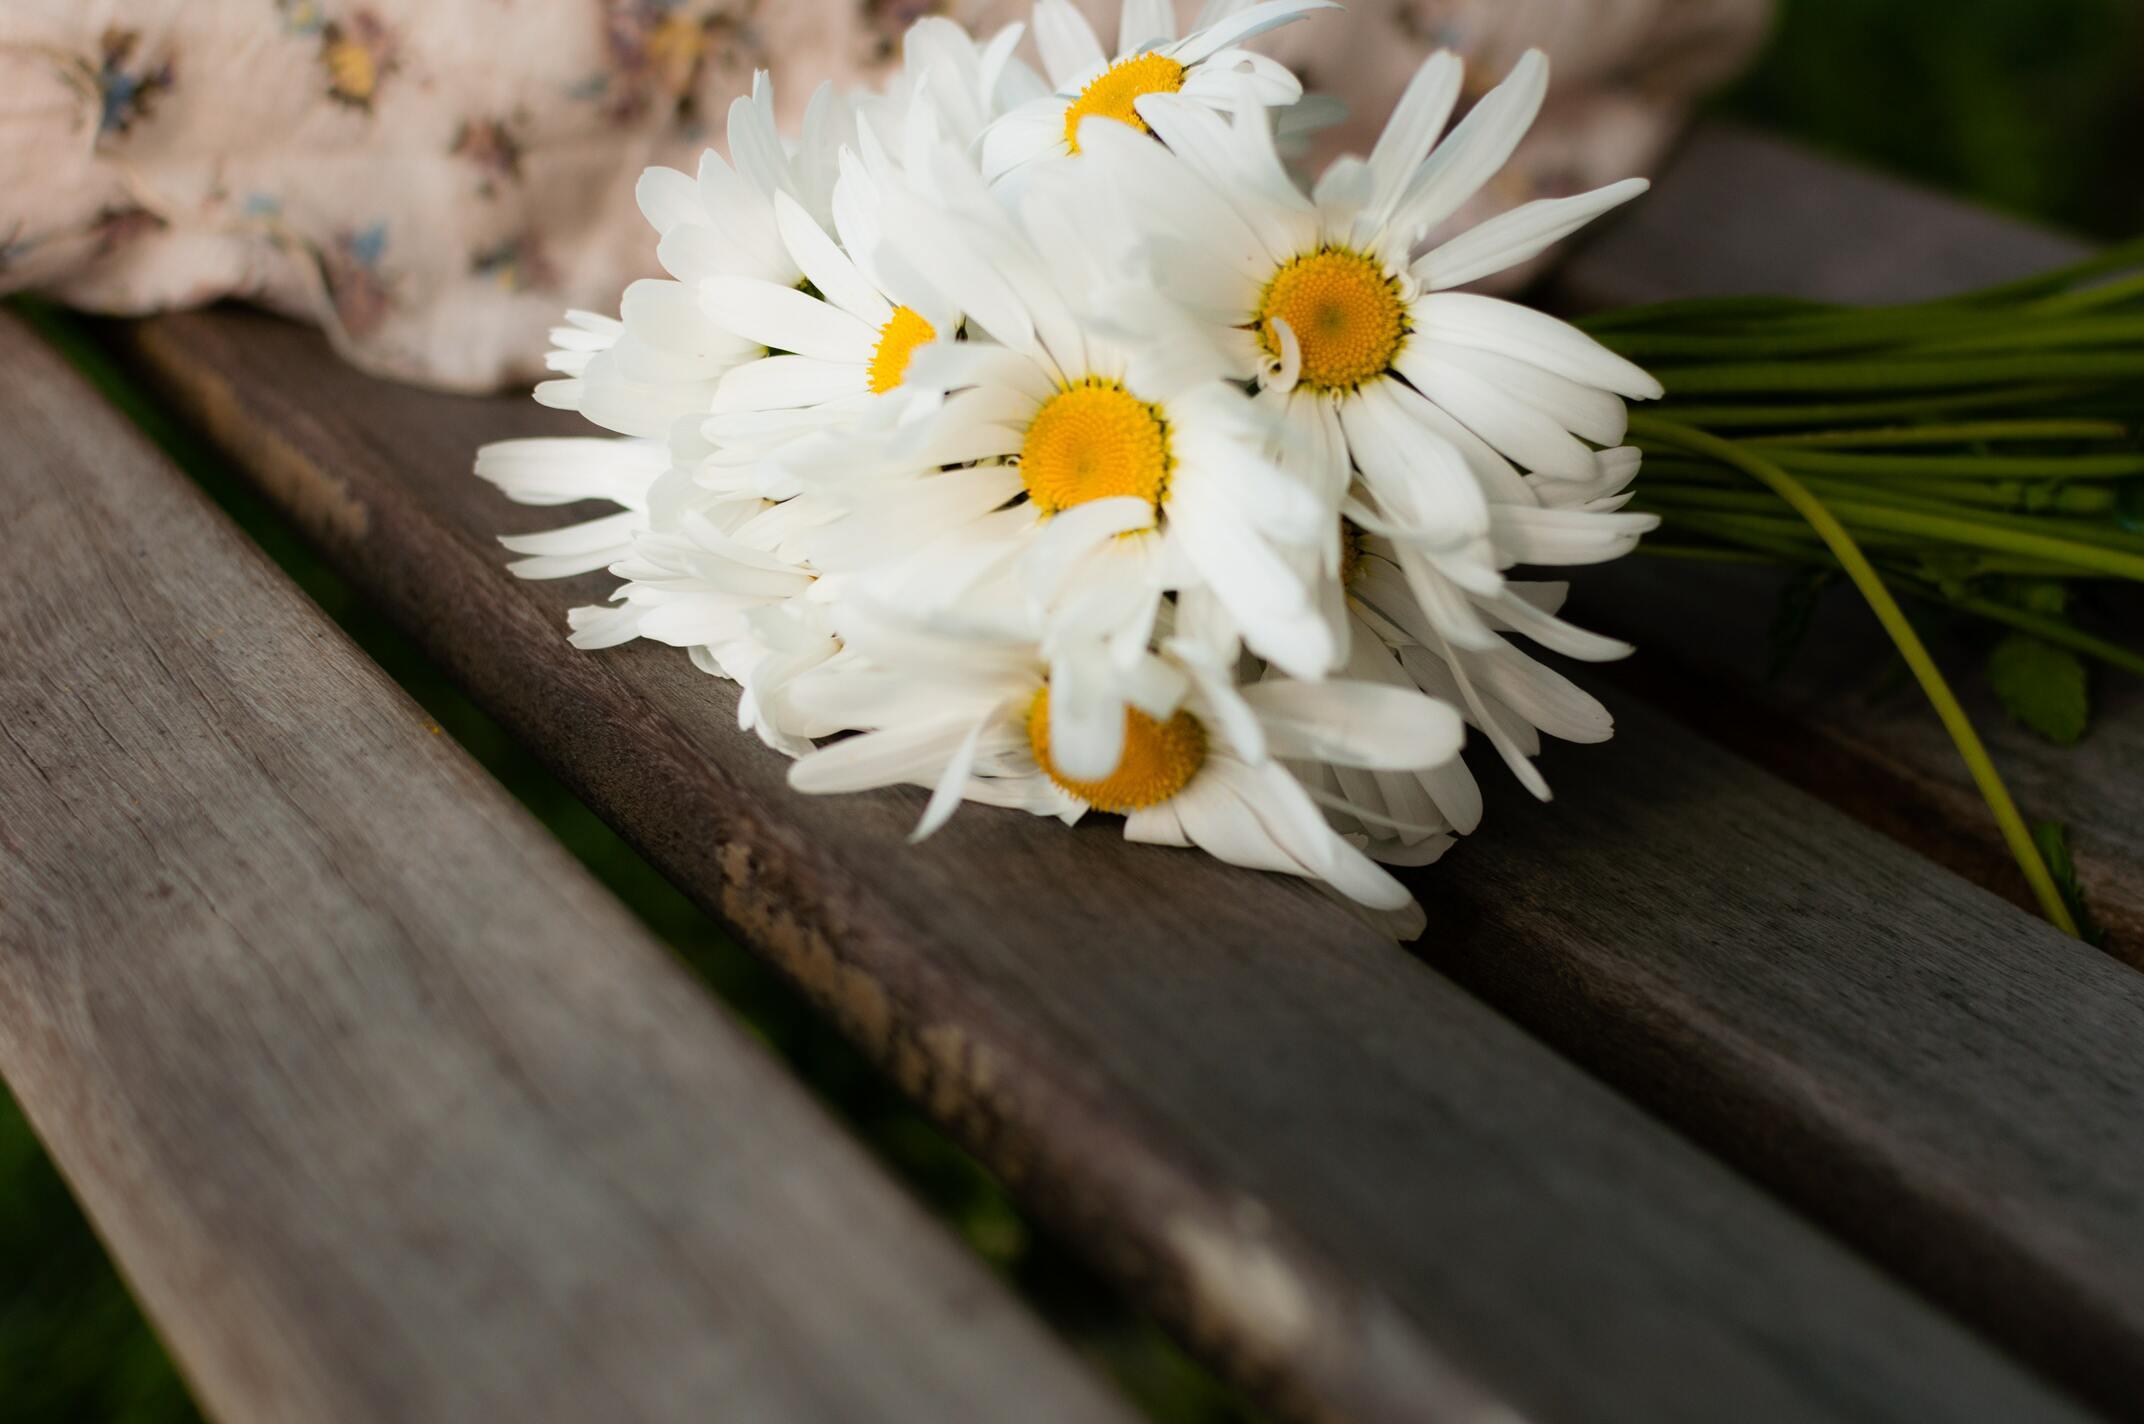 Ảnh hoa cúc dại cực đẹp